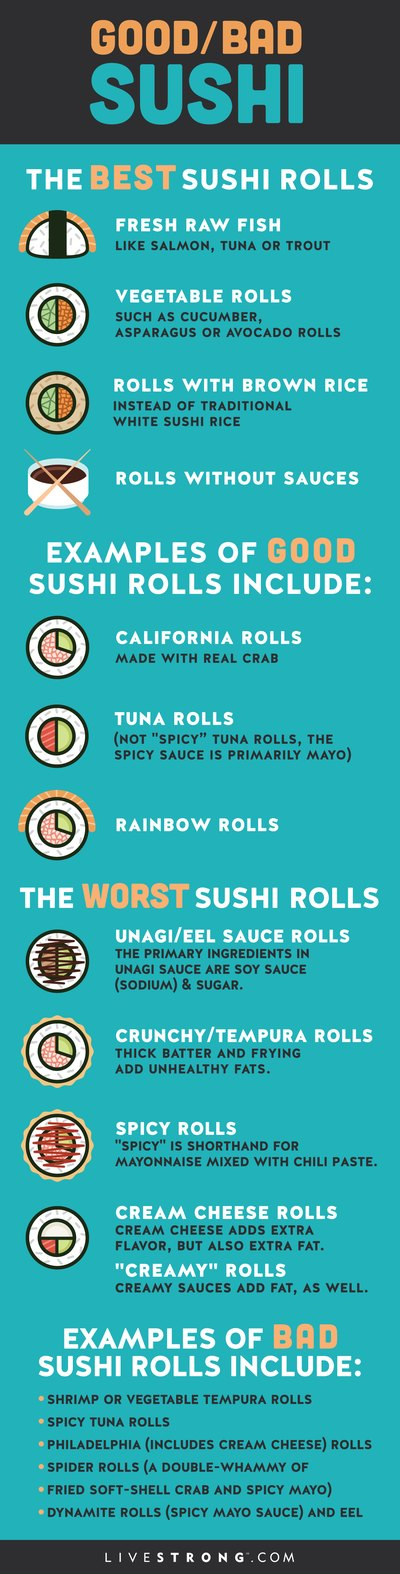 Le poisson cru frais tel que le saumon est un bon choix.